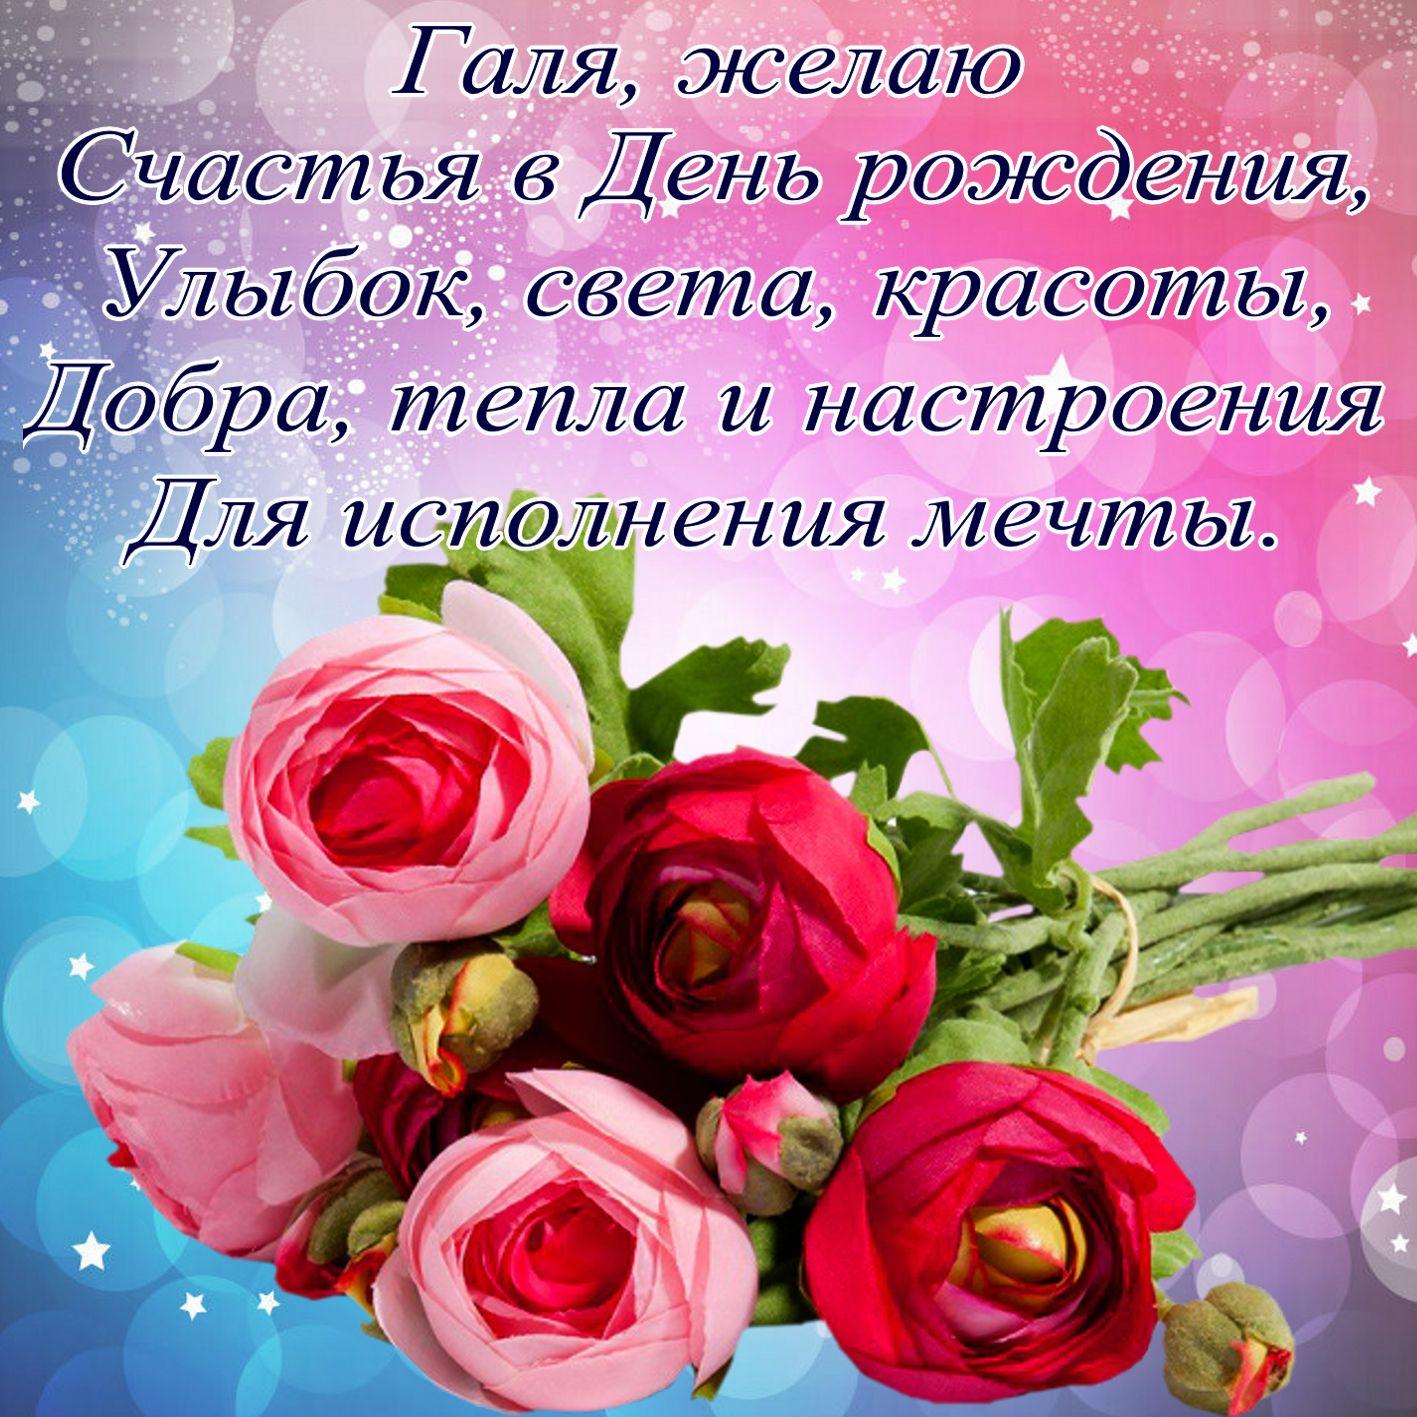 Пожелание и цветы на сияющем фоне